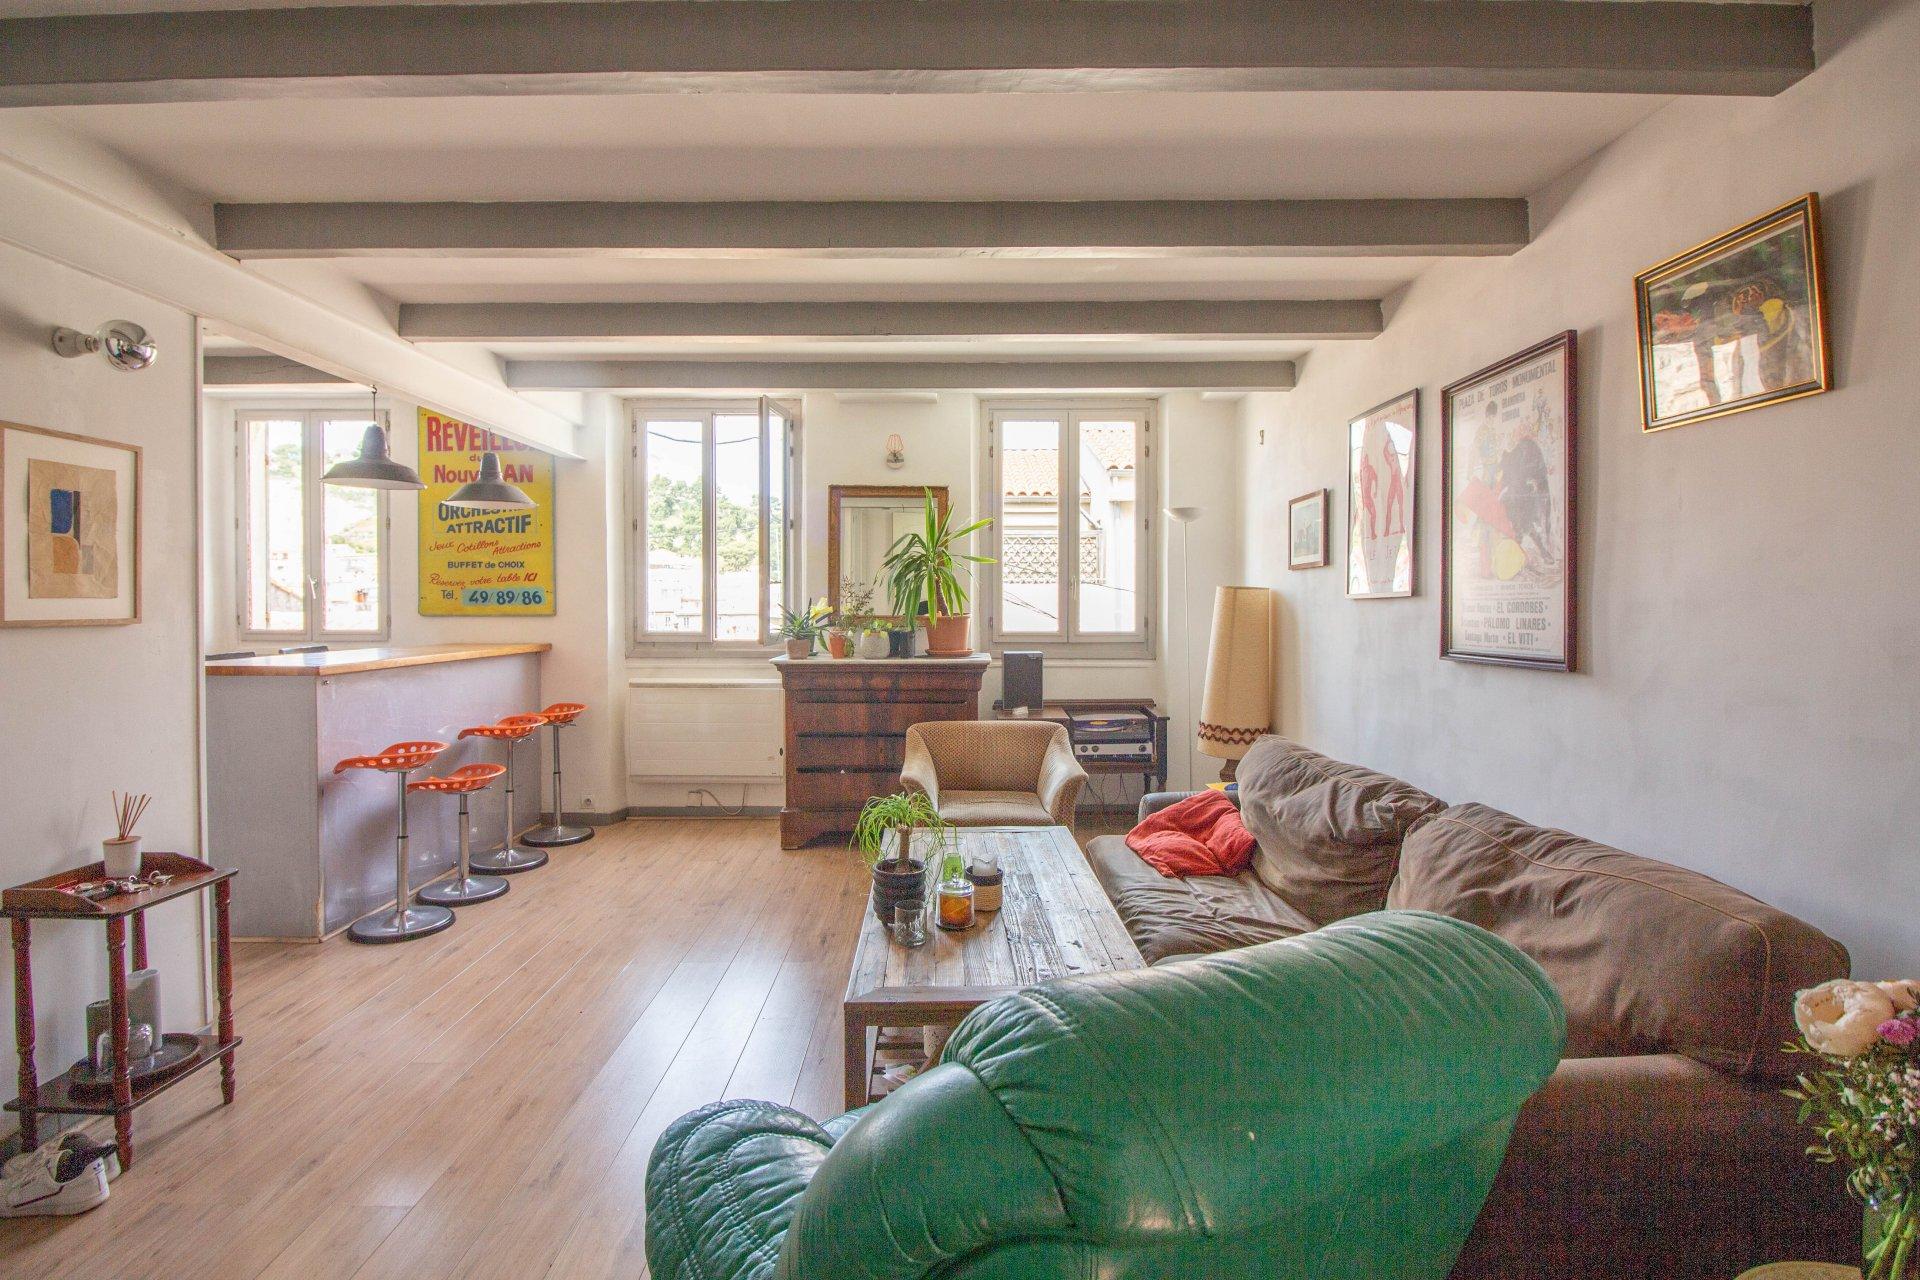 LE VAUBANAIS - Appartement T4 de 105m2 Marseille 13006